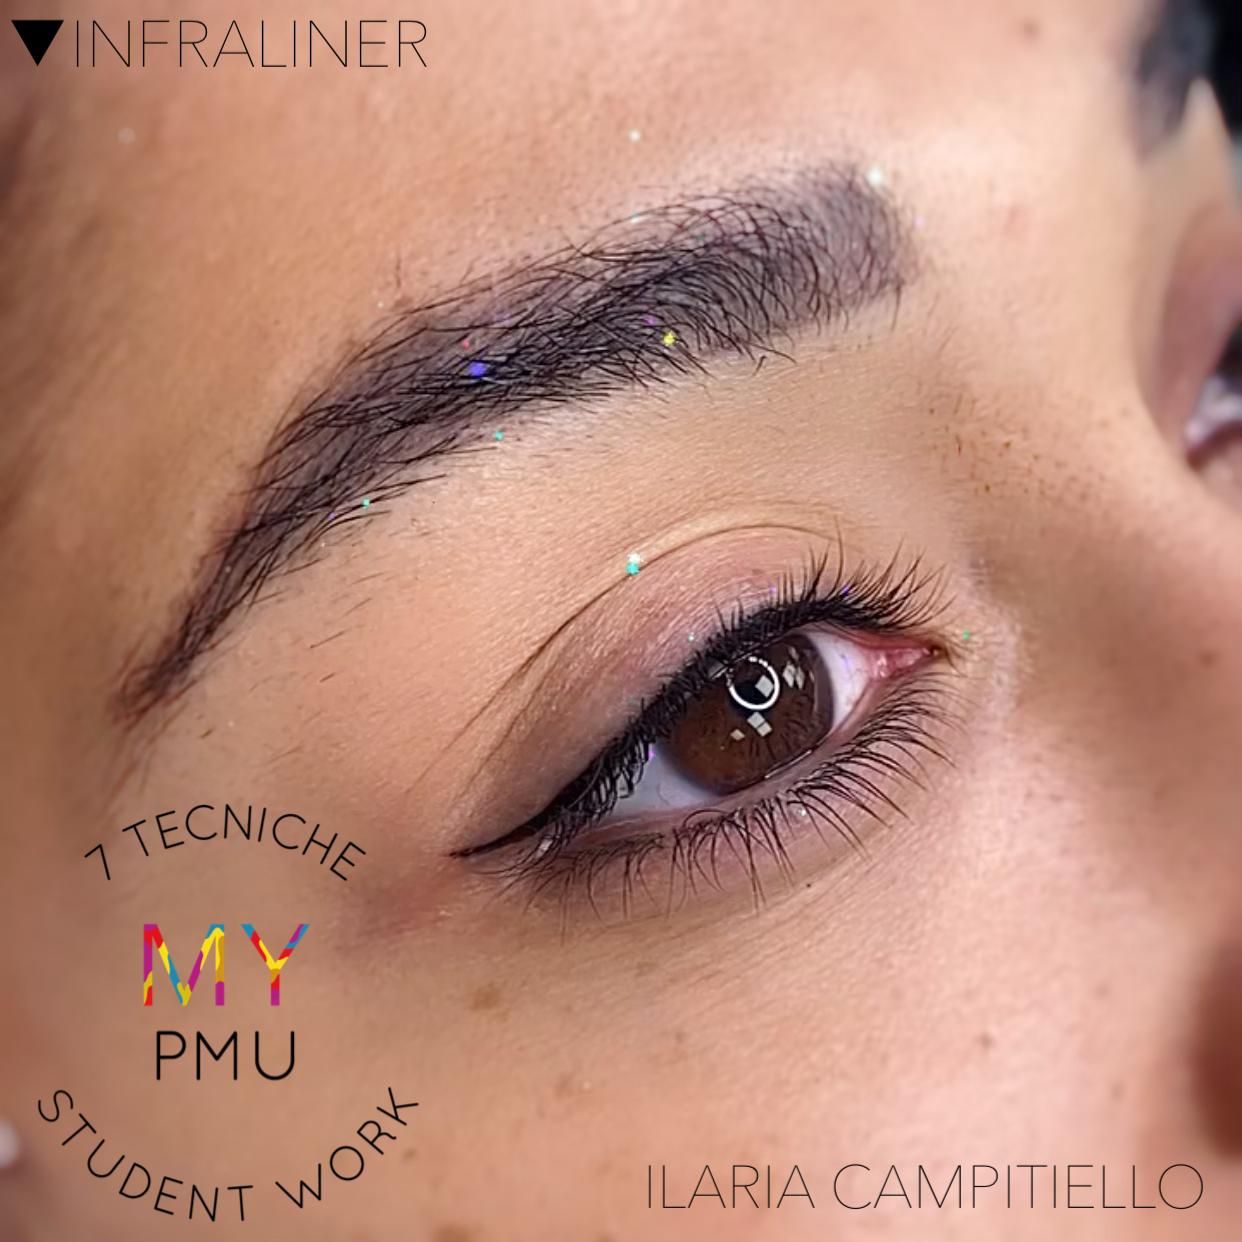 ilaria-campitiello-7-tecniche-eyeliner